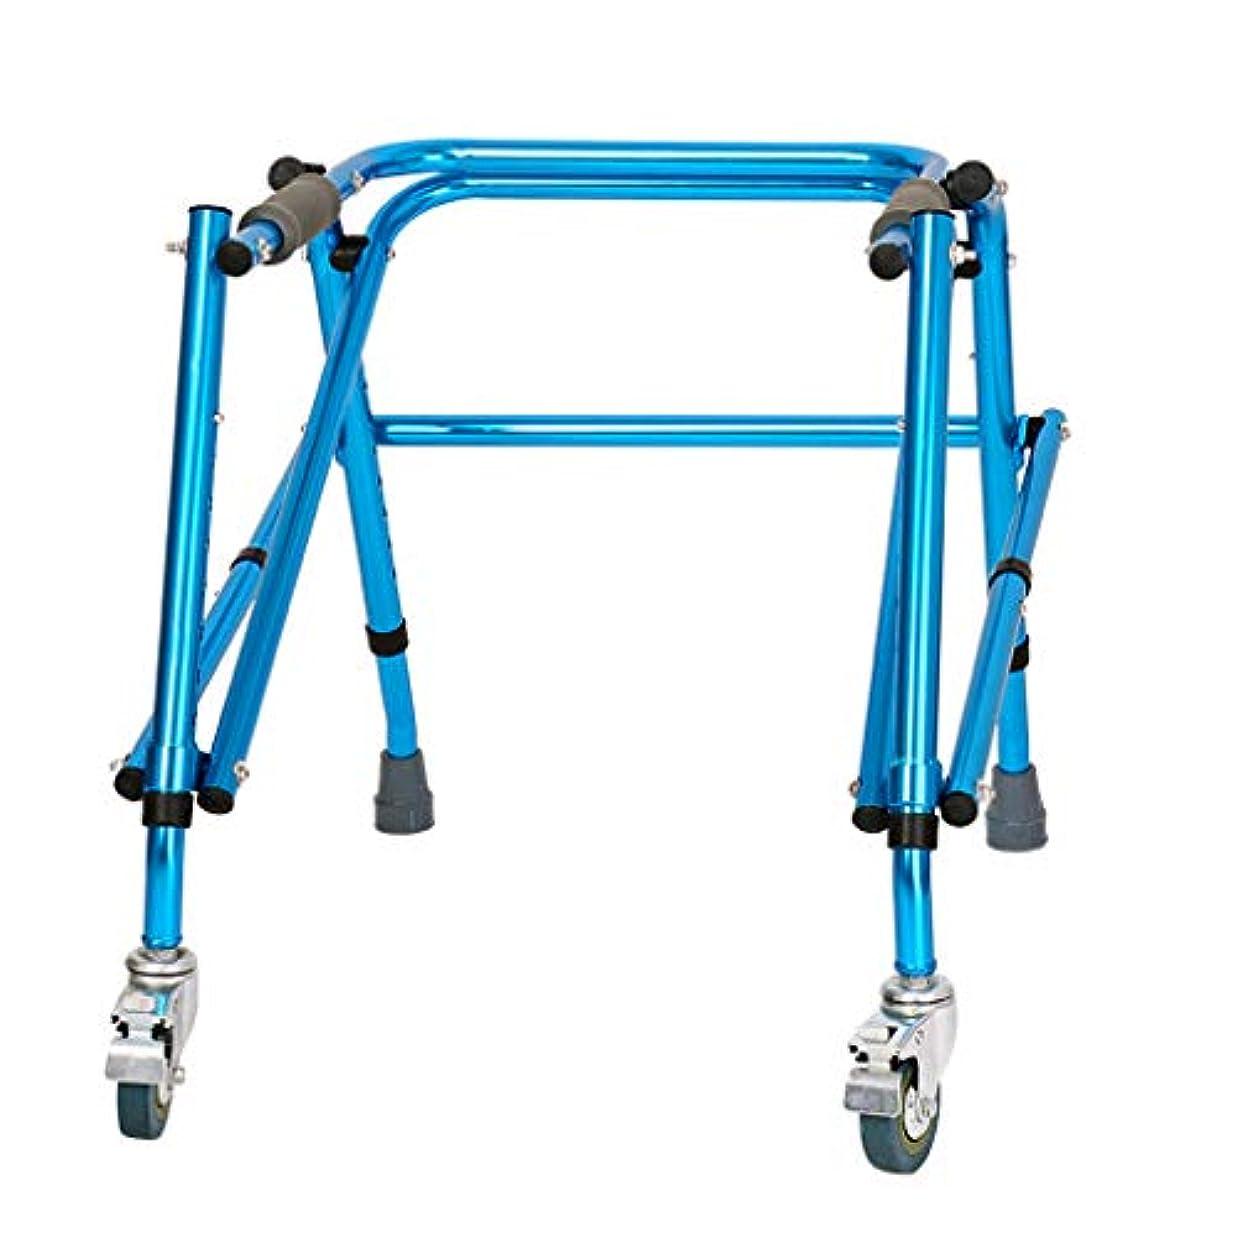 大工ツーリスト欠点IAIZI 子供下肢トレーニングとリハビリテーション機器/立ち歩行スタンド/ウォークエイド/ウォーカー/スタンドフレーム付きホイールリハビリ機器